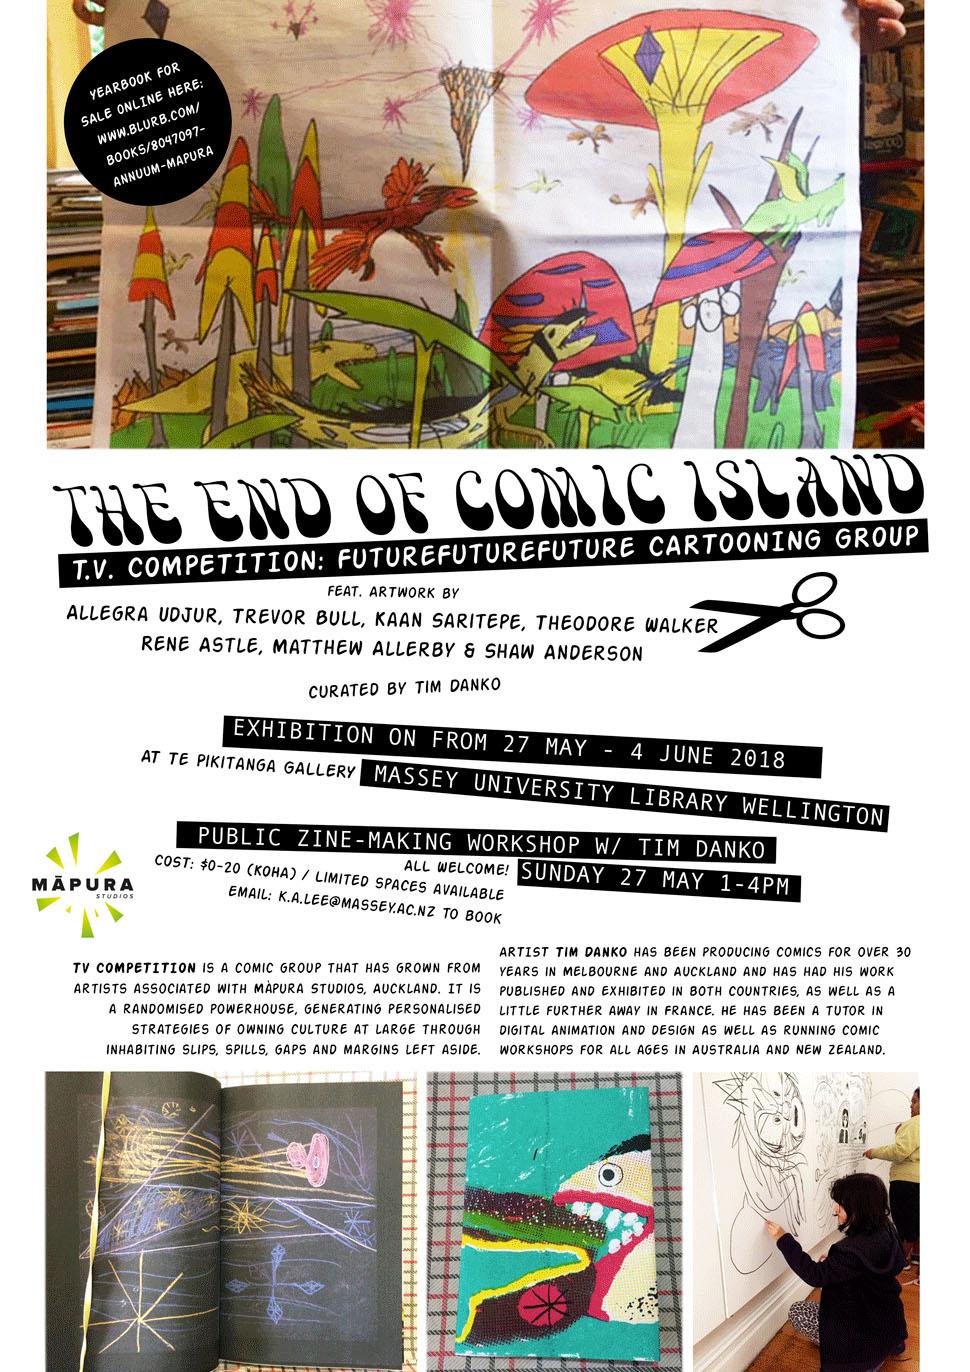 END-OF-COMICS-ISLAND-flyer_final.jpg